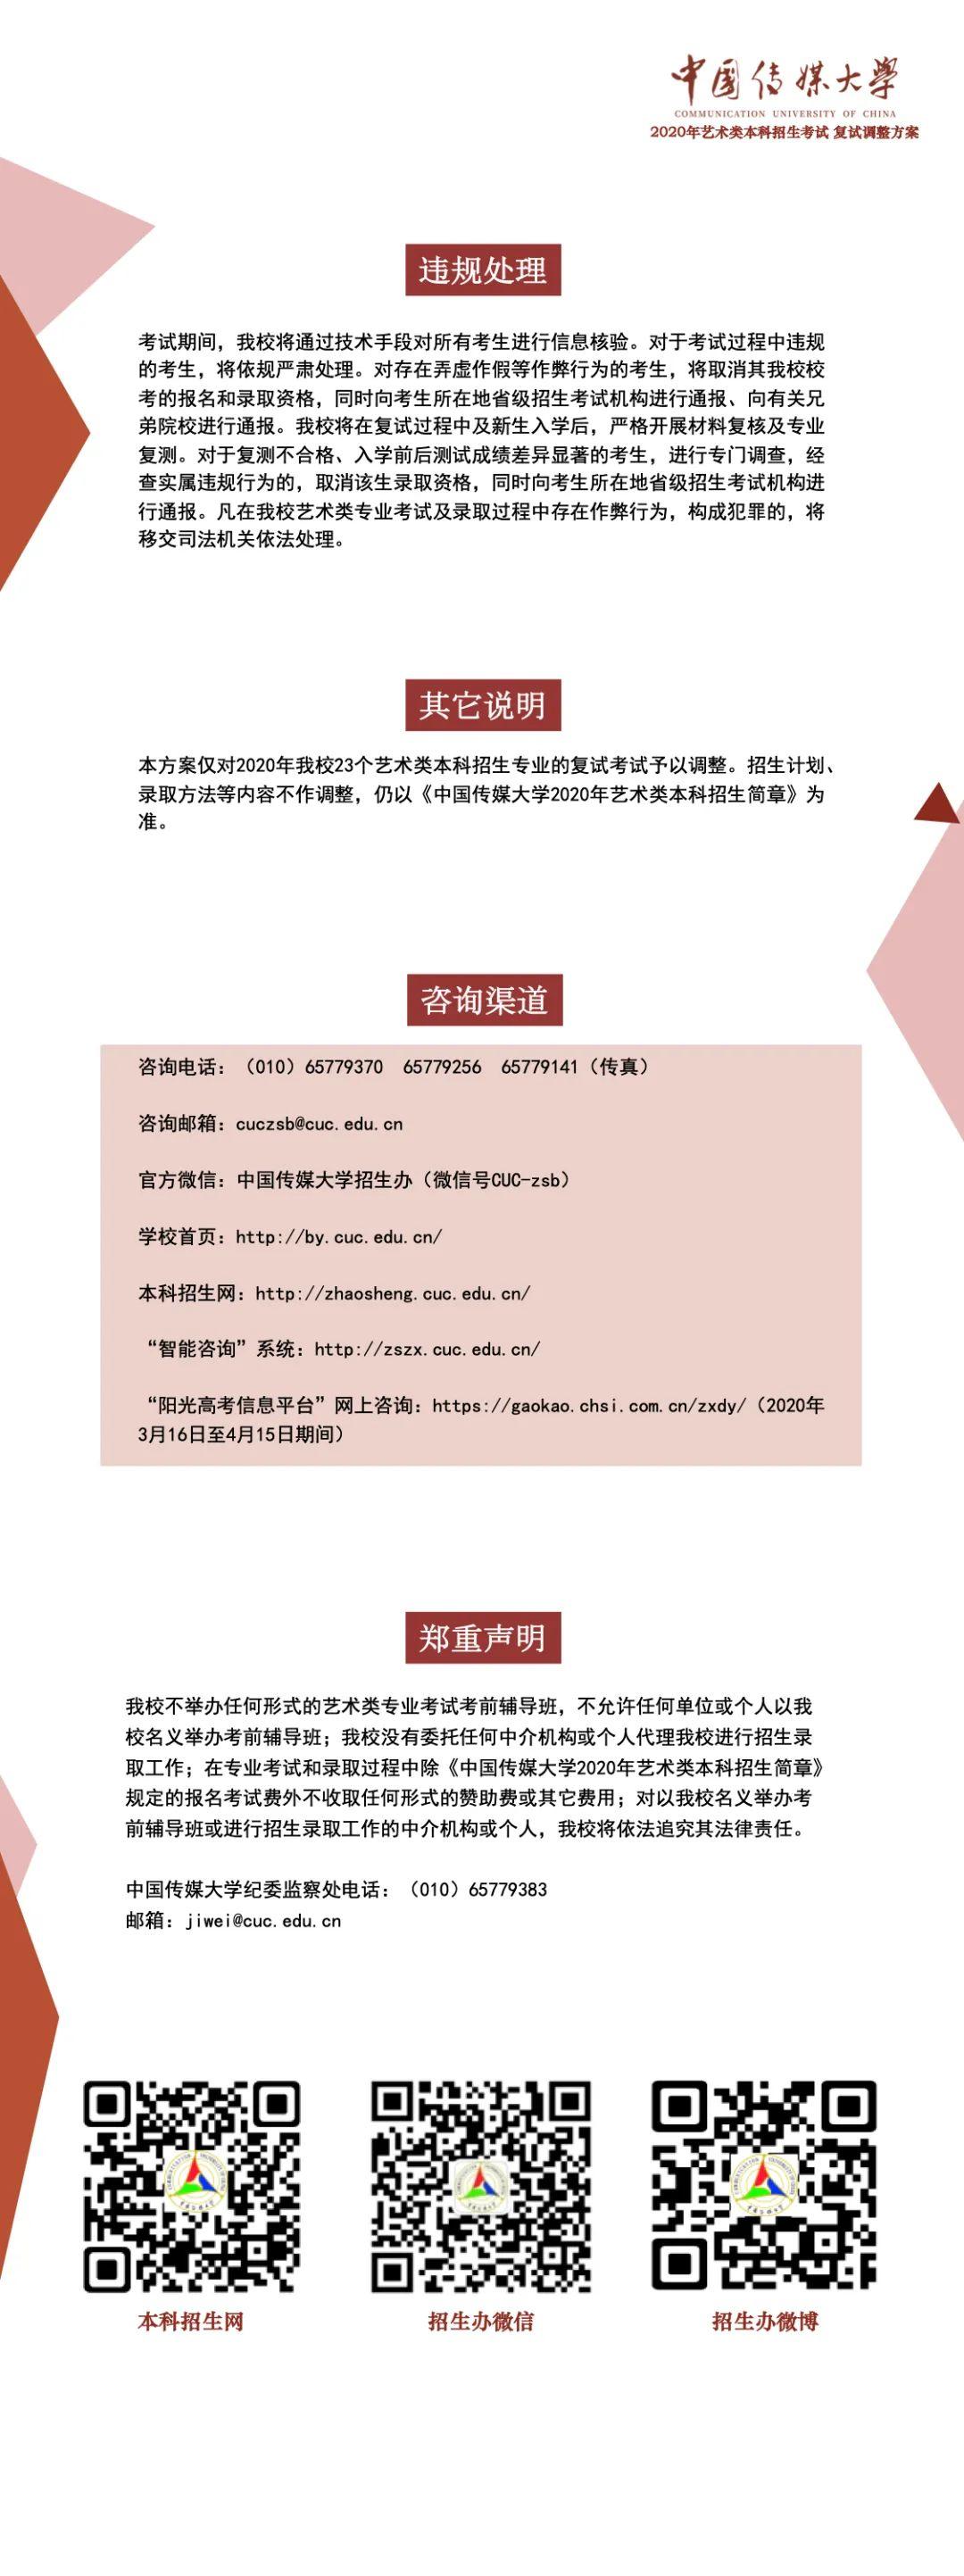 杭州画室,中国传媒大学,杭州艺考画室,09